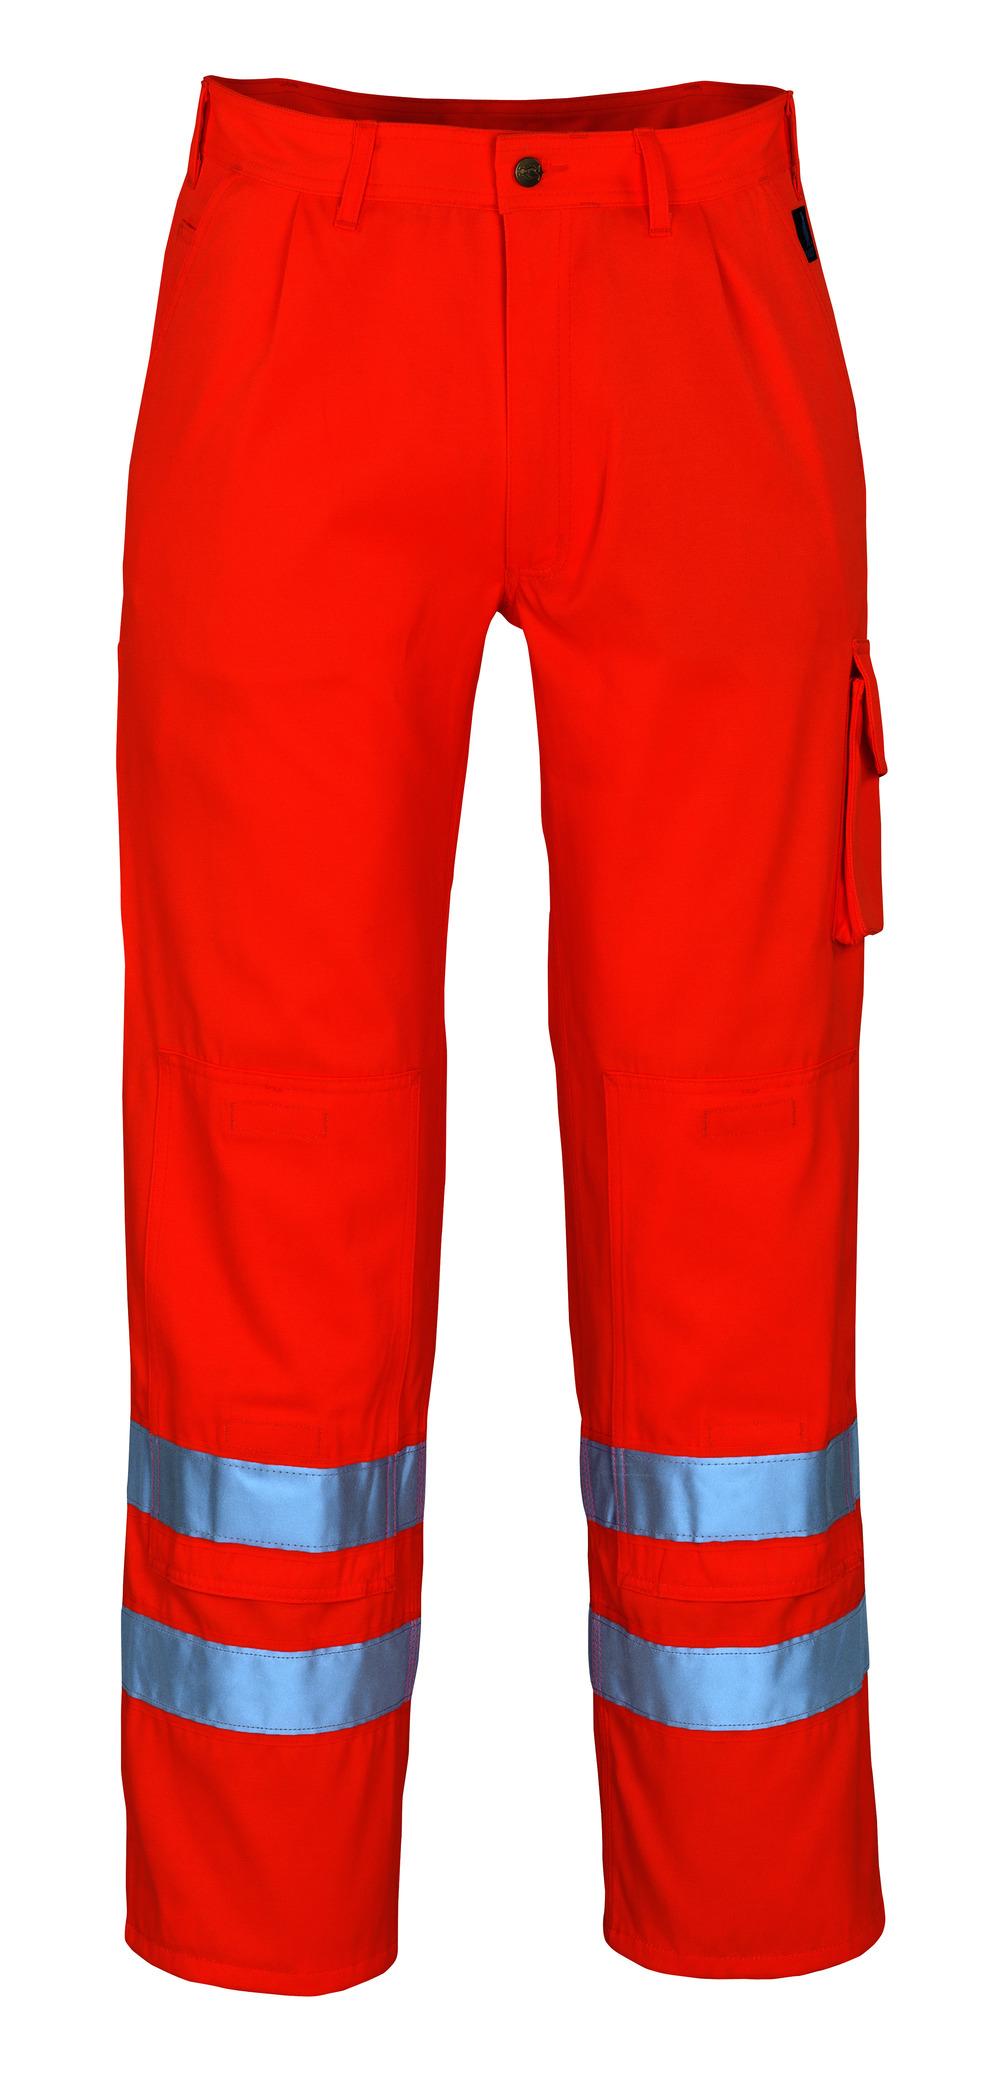 00479-860-14 Pantaloni con tasche porta-ginocchiere - arancio hi-vis